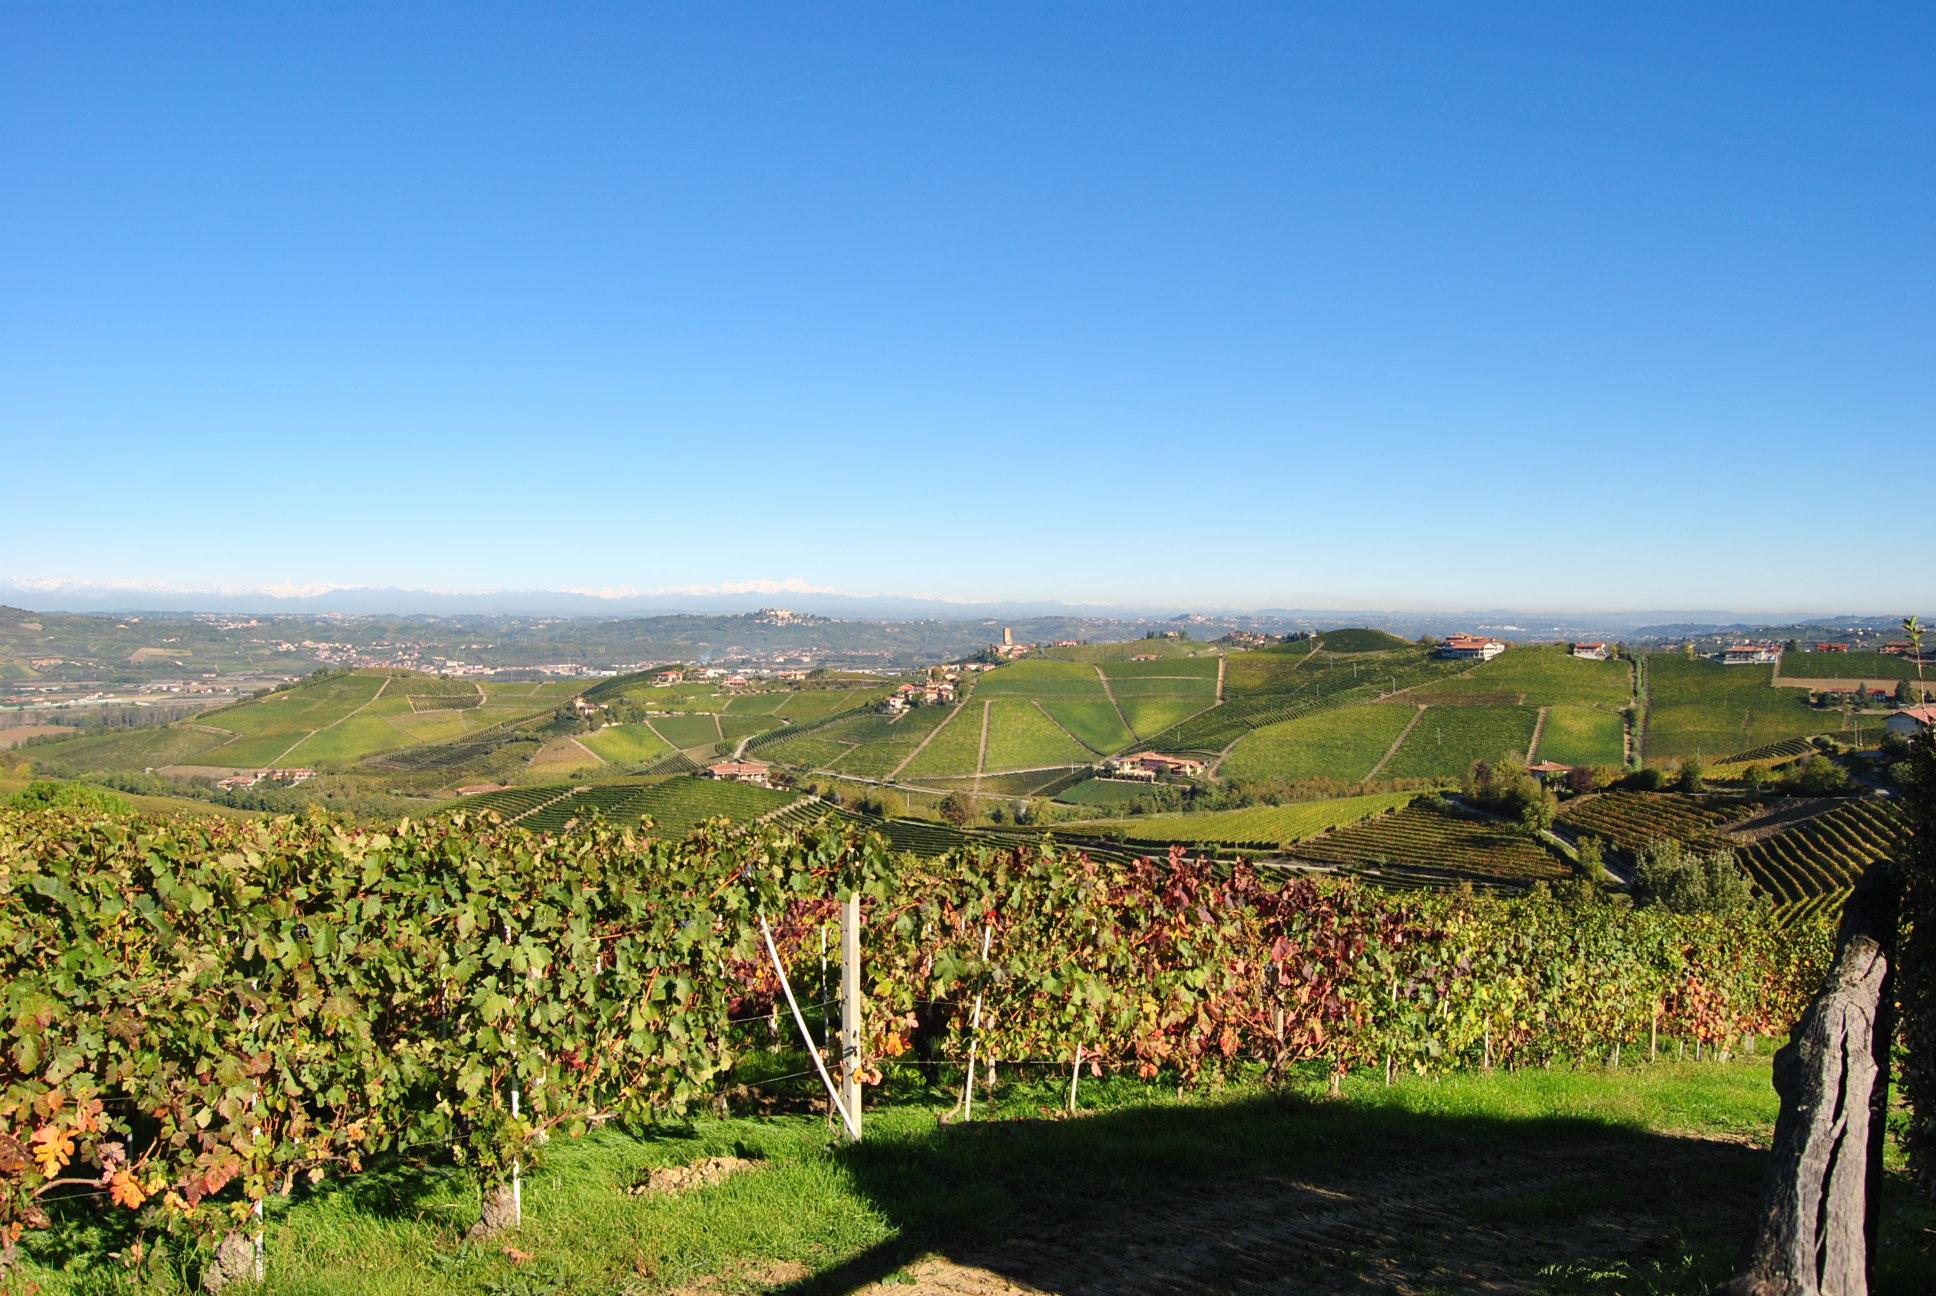 Italy_Cantina Del Nebbiolo Winery image.jpg